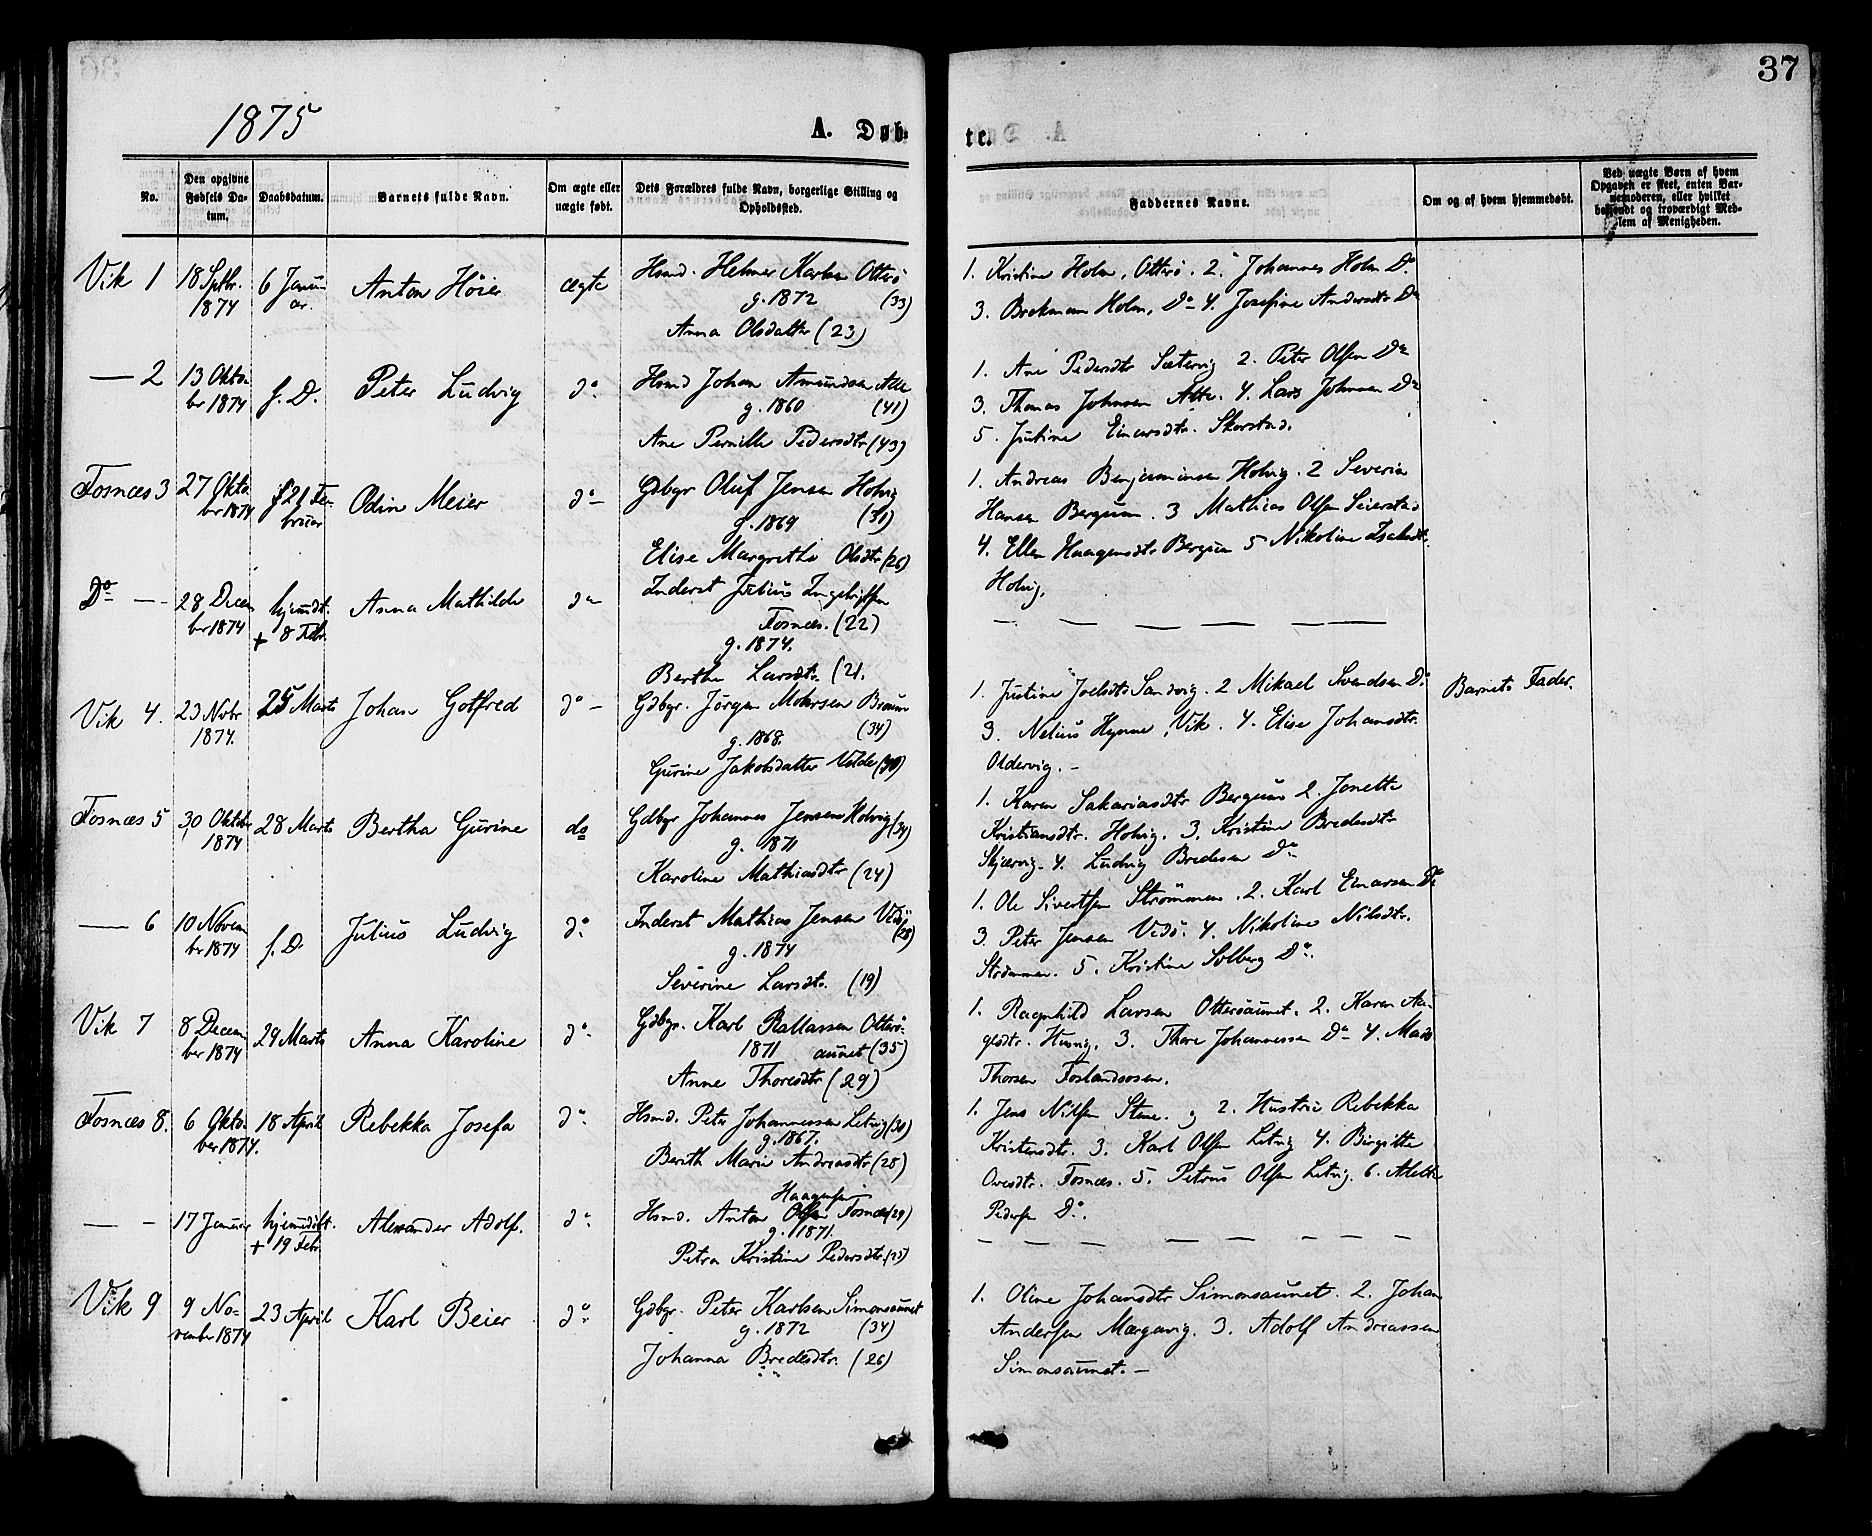 SAT, Ministerialprotokoller, klokkerbøker og fødselsregistre - Nord-Trøndelag, 773/L0616: Ministerialbok nr. 773A07, 1870-1887, s. 37